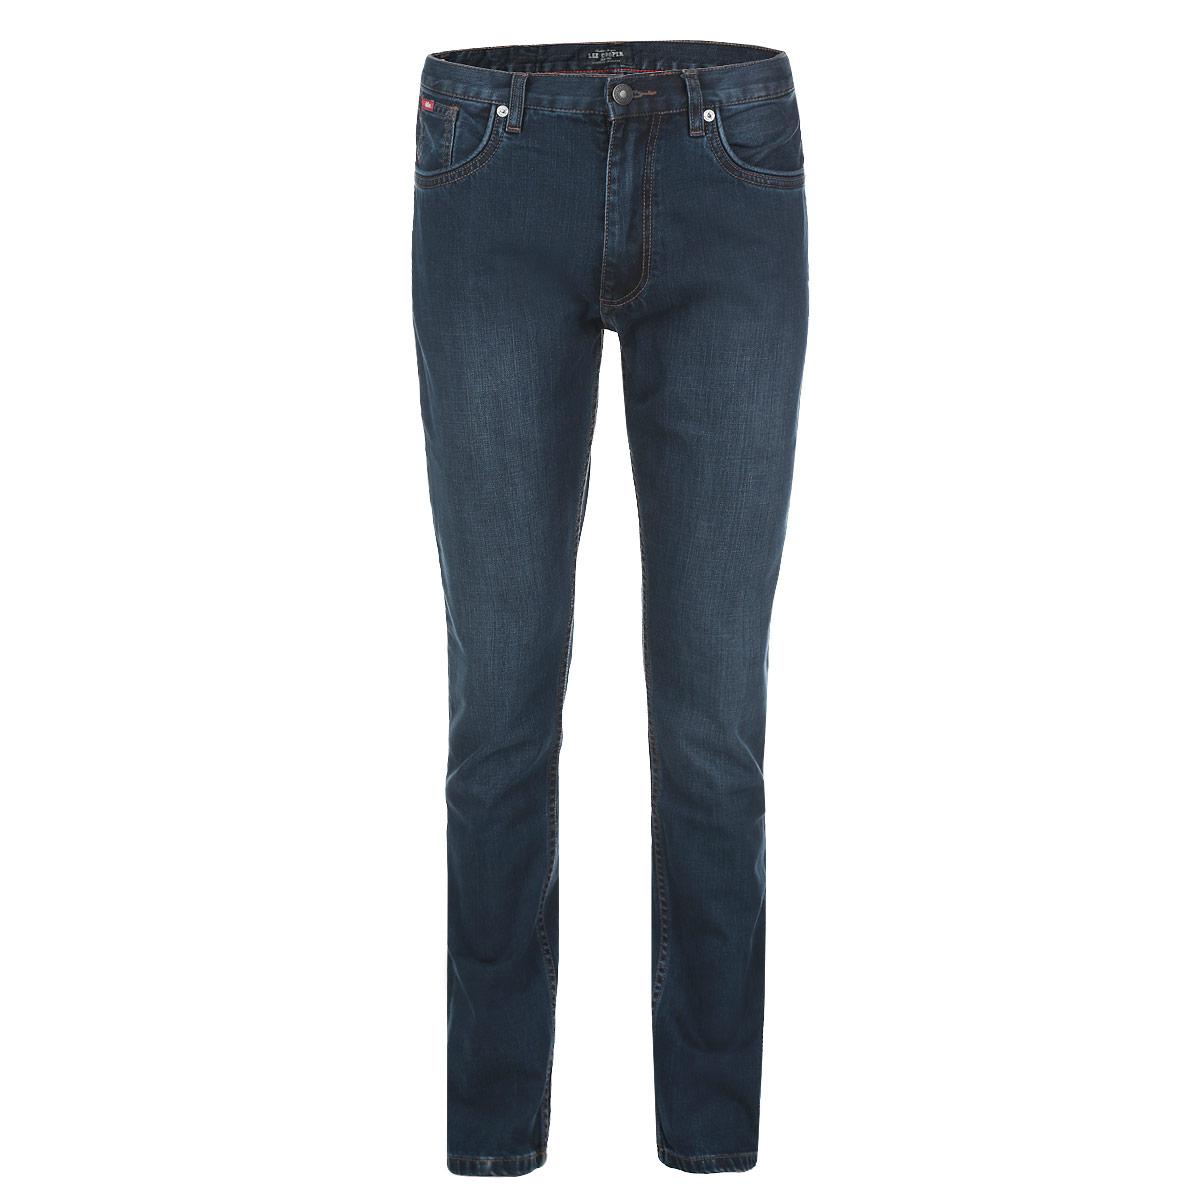 Джинсы мужские. ArthurArthur/OldschoolСтильные мужские джинсы Lee Cooper Arthur высочайшего качества выполнены из плотного хлопкового материала. Модель слегка зауженного кроя и средней посадки станет отличным дополнением к вашему современному образу. Джинсы застегиваются на металлическую пуговицу в поясе и ширинку на застежке-молнии, также имеются шлевки для ремня. Спереди модель дополнена двумя втачными карманами и небольшим секретным кармашком, а сзади - двумя накладными карманами. Джинсы оформлены металлическими клепками и прострочкой. Эти модные и в тоже время комфортные джинсы послужат отличным дополнением к вашему гардеробу. В них вы всегда будете чувствовать себя уютно и комфортно.